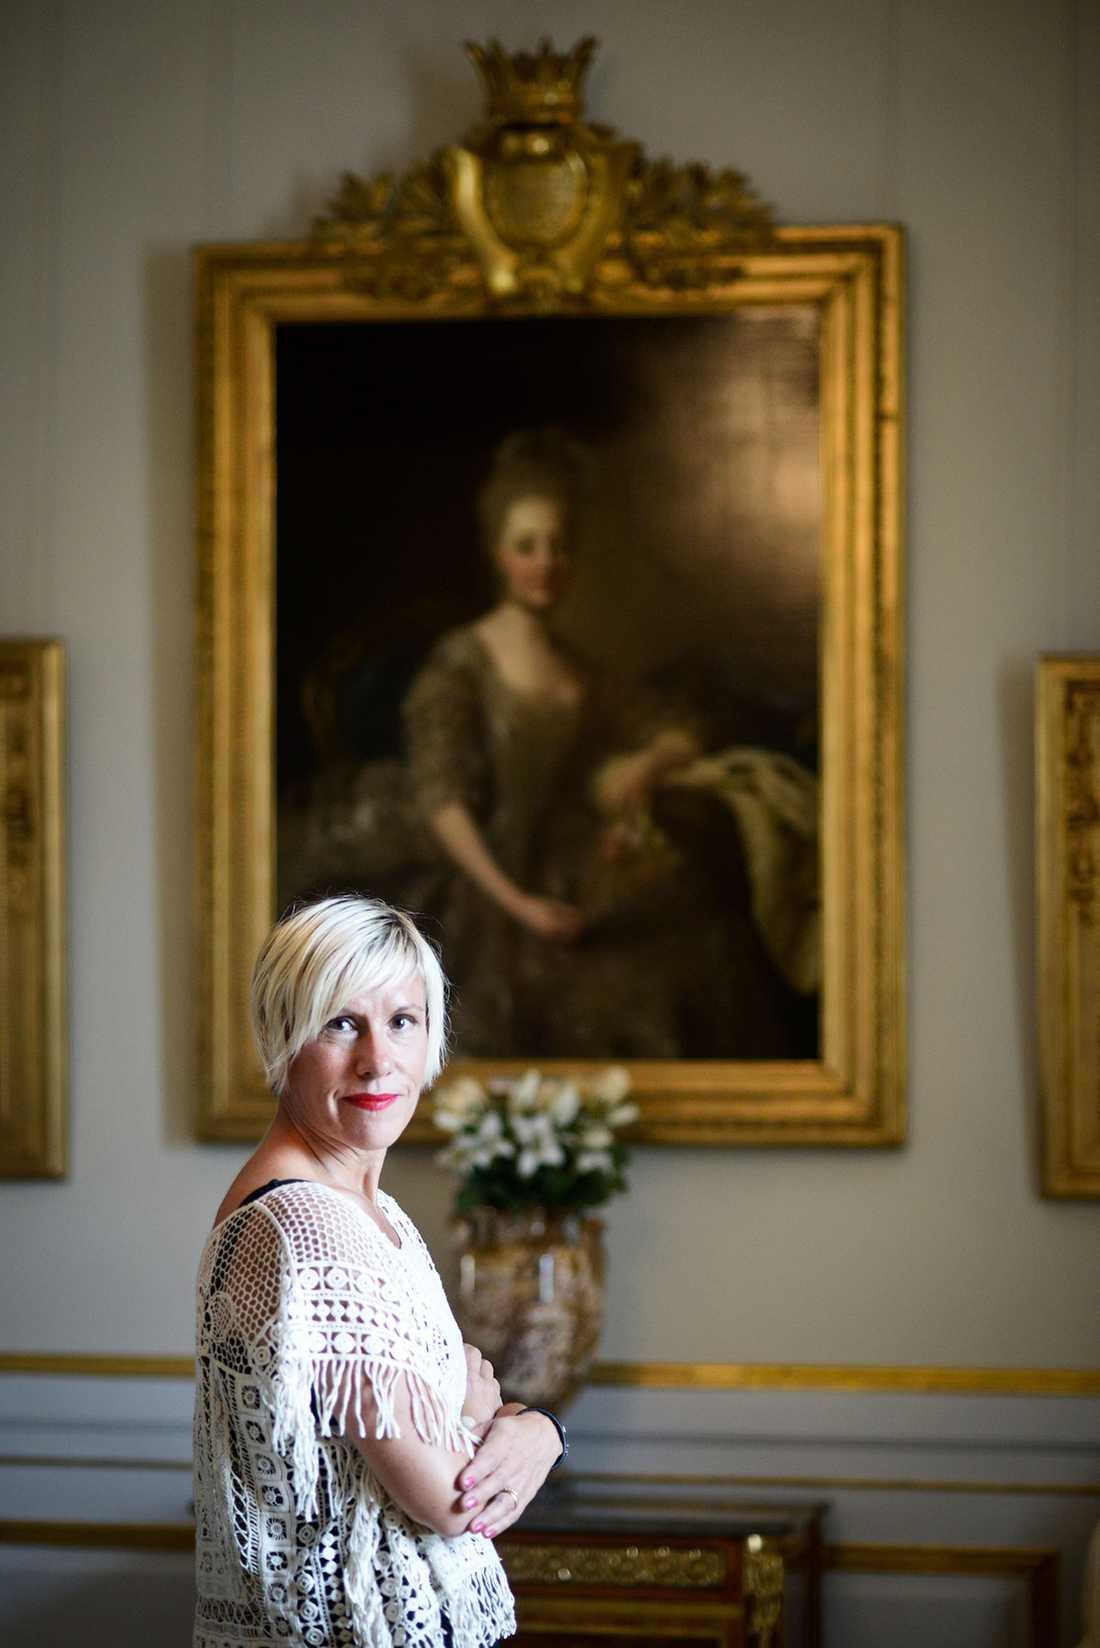 """Inspirerades av tavla Idén till """"Barnbruden"""" fick Anna Laestadius Larsson när hon såg tavlan av Hedvig Elisabeth Charlotta på Drottningholms slott. Den är målad 1775 av Alexander Roslin, och prinsessan bär sin brudklänning. – Jag kände direkt att hon var historien för min bok."""